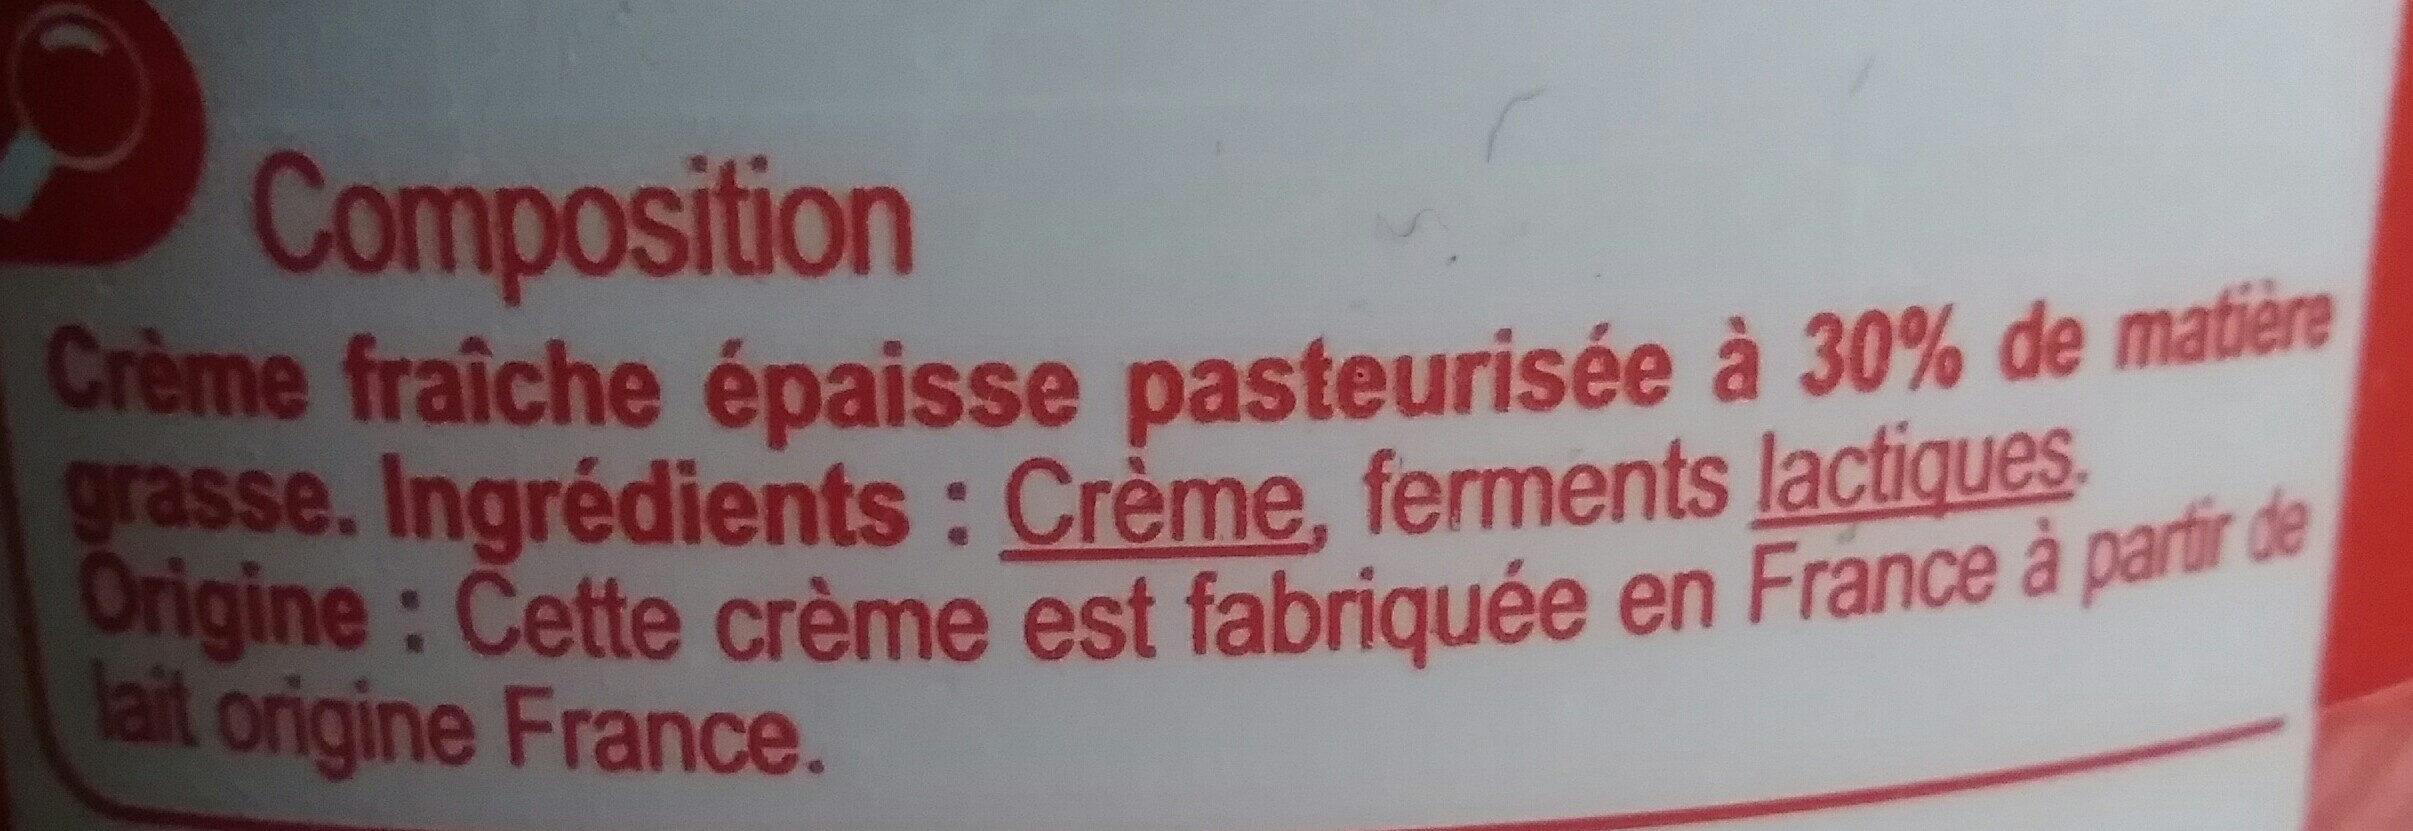 Crème fraîche épaisse Entière - Ingrediënten - fr